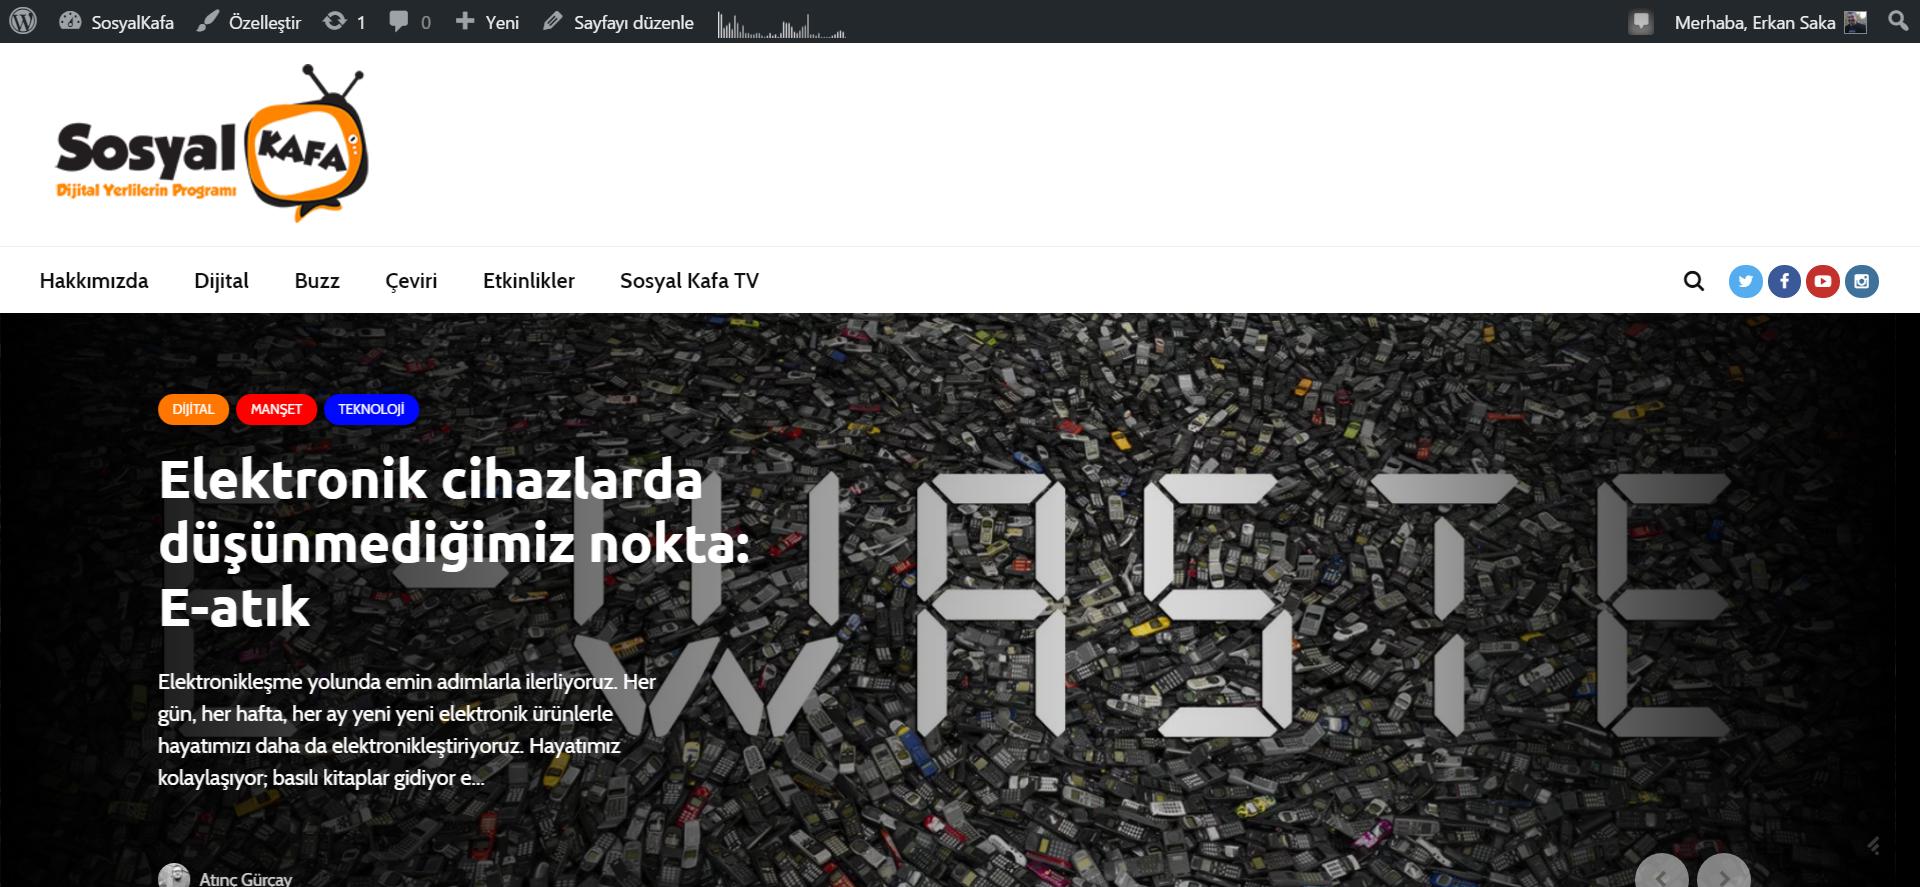 Buyrun yenilenmiş @sosyalkafa sitesine. @korsanparti den @safaksonn ve biraz da @ardacetin desteğiyle!